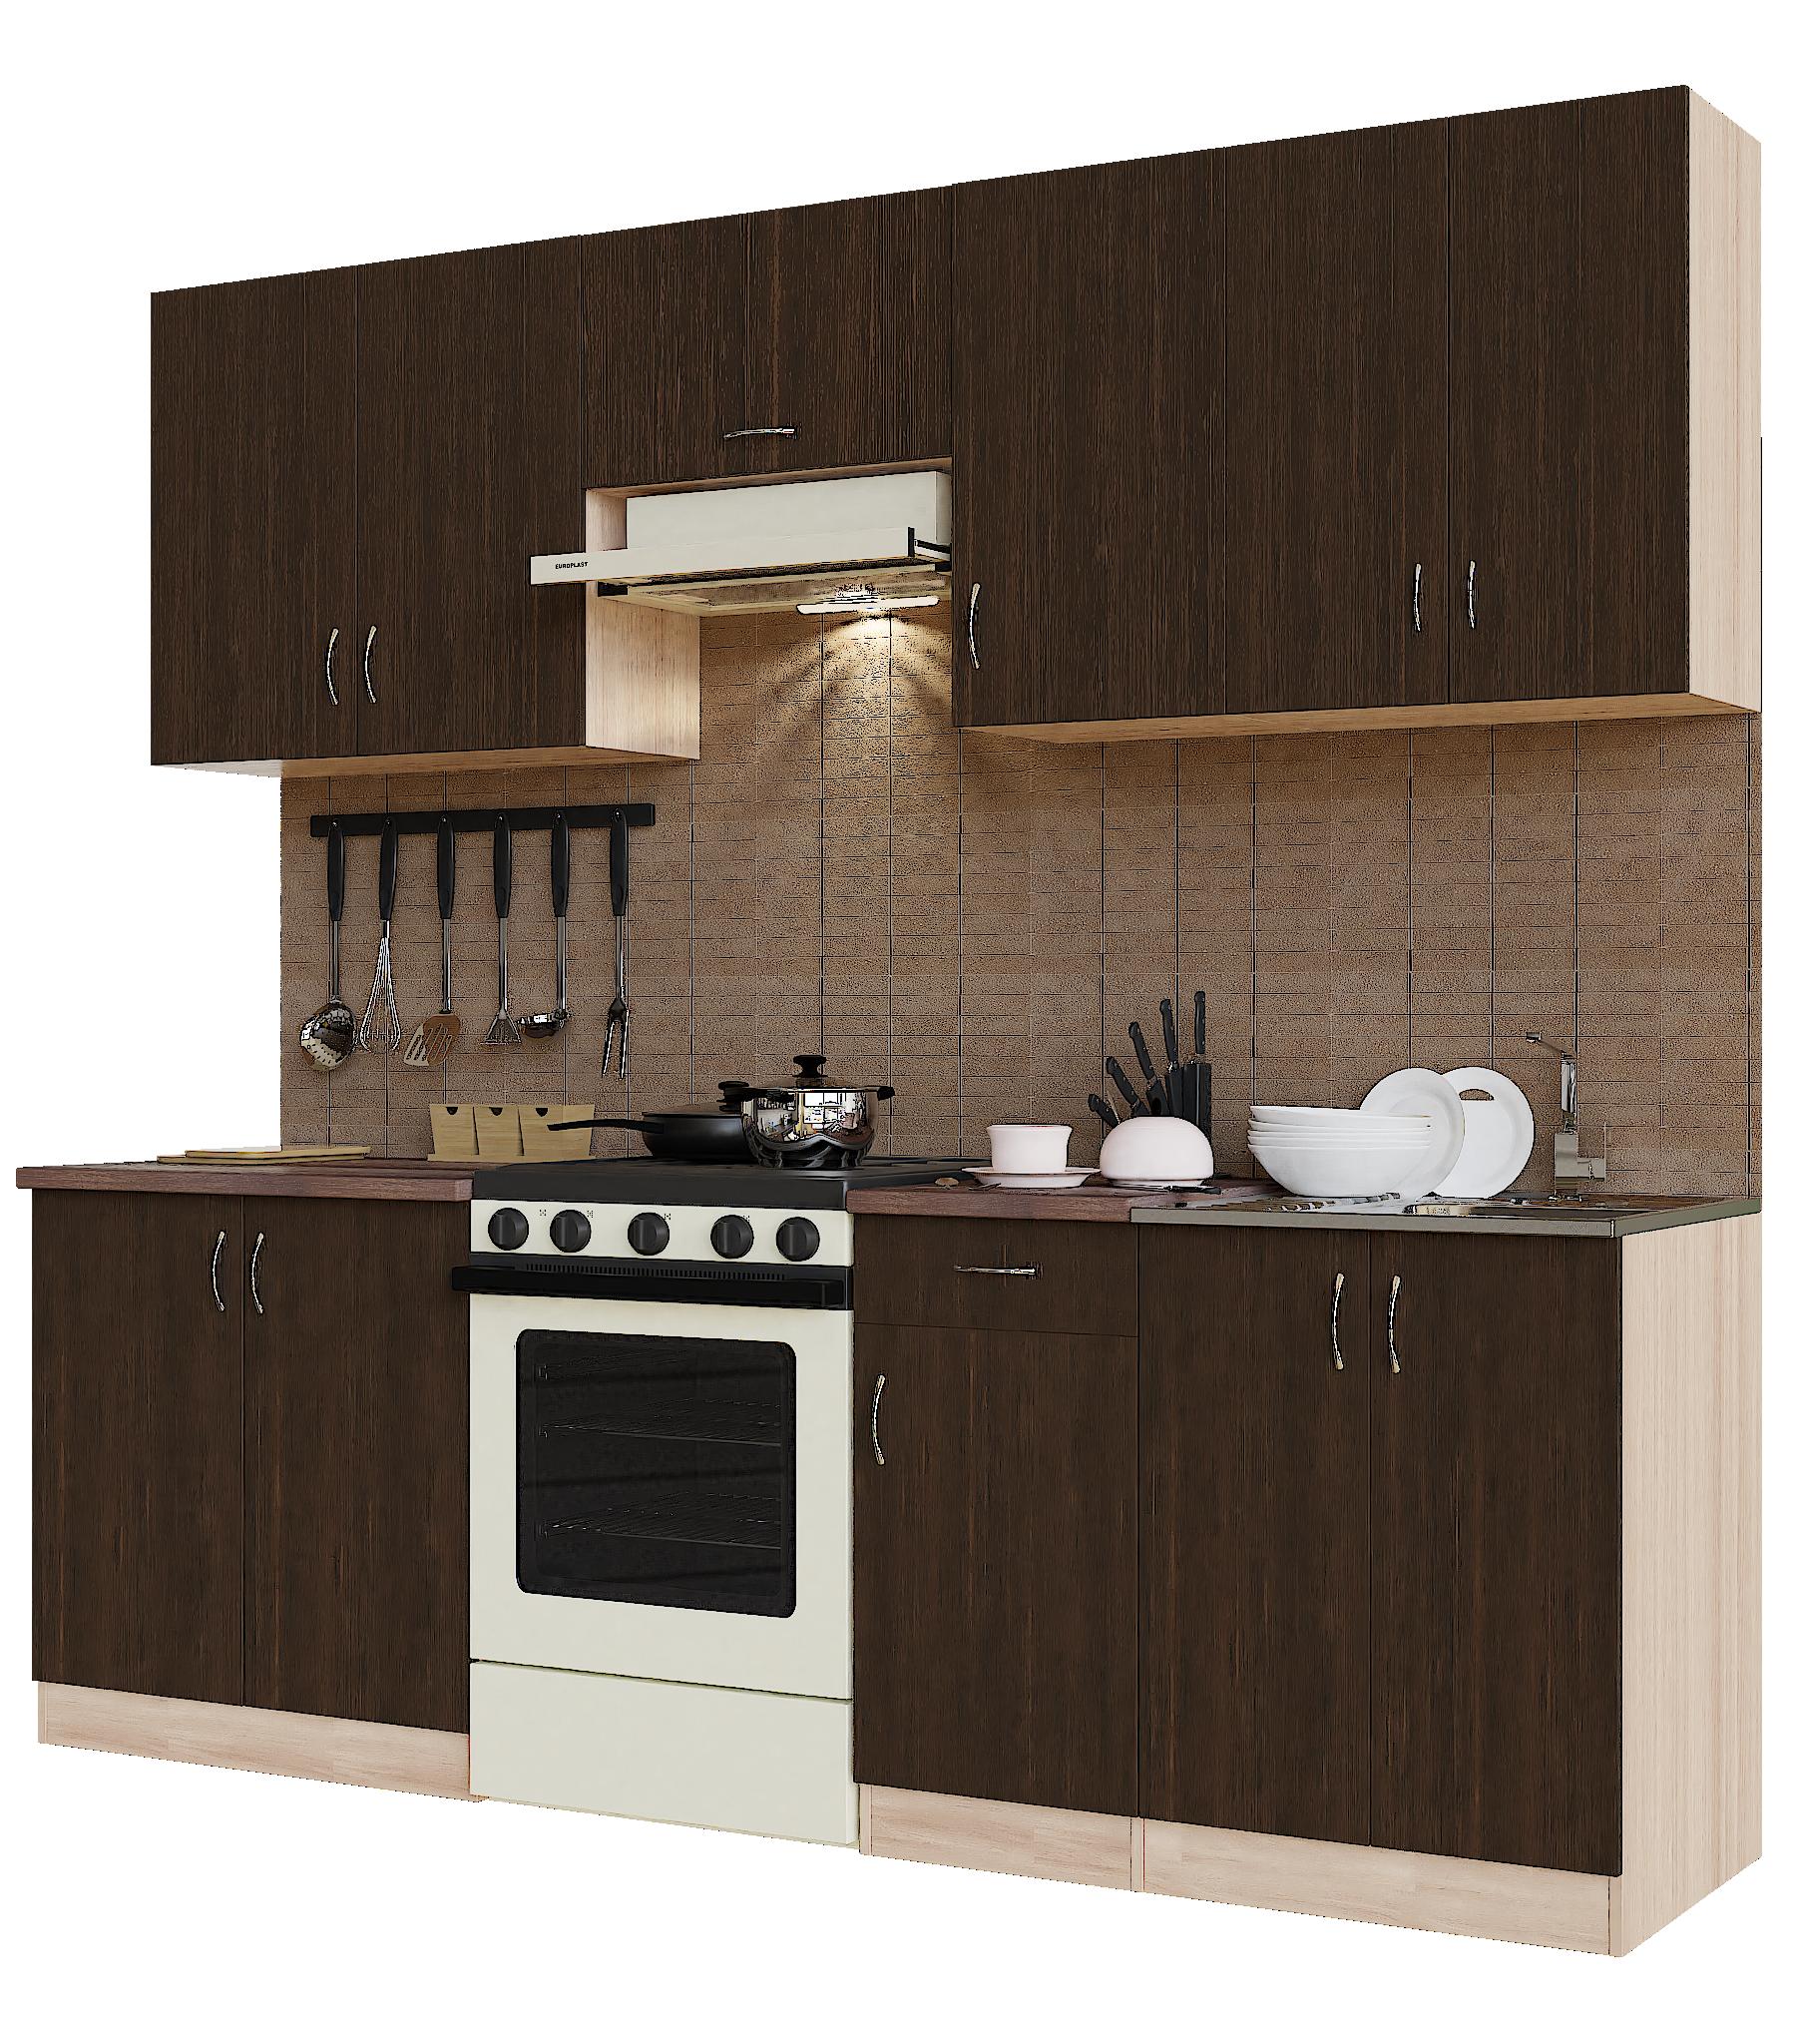 Кухонный гарнитур Sanvut ГК2400 - 1.3.1 Ясень шимо светлый / Венге